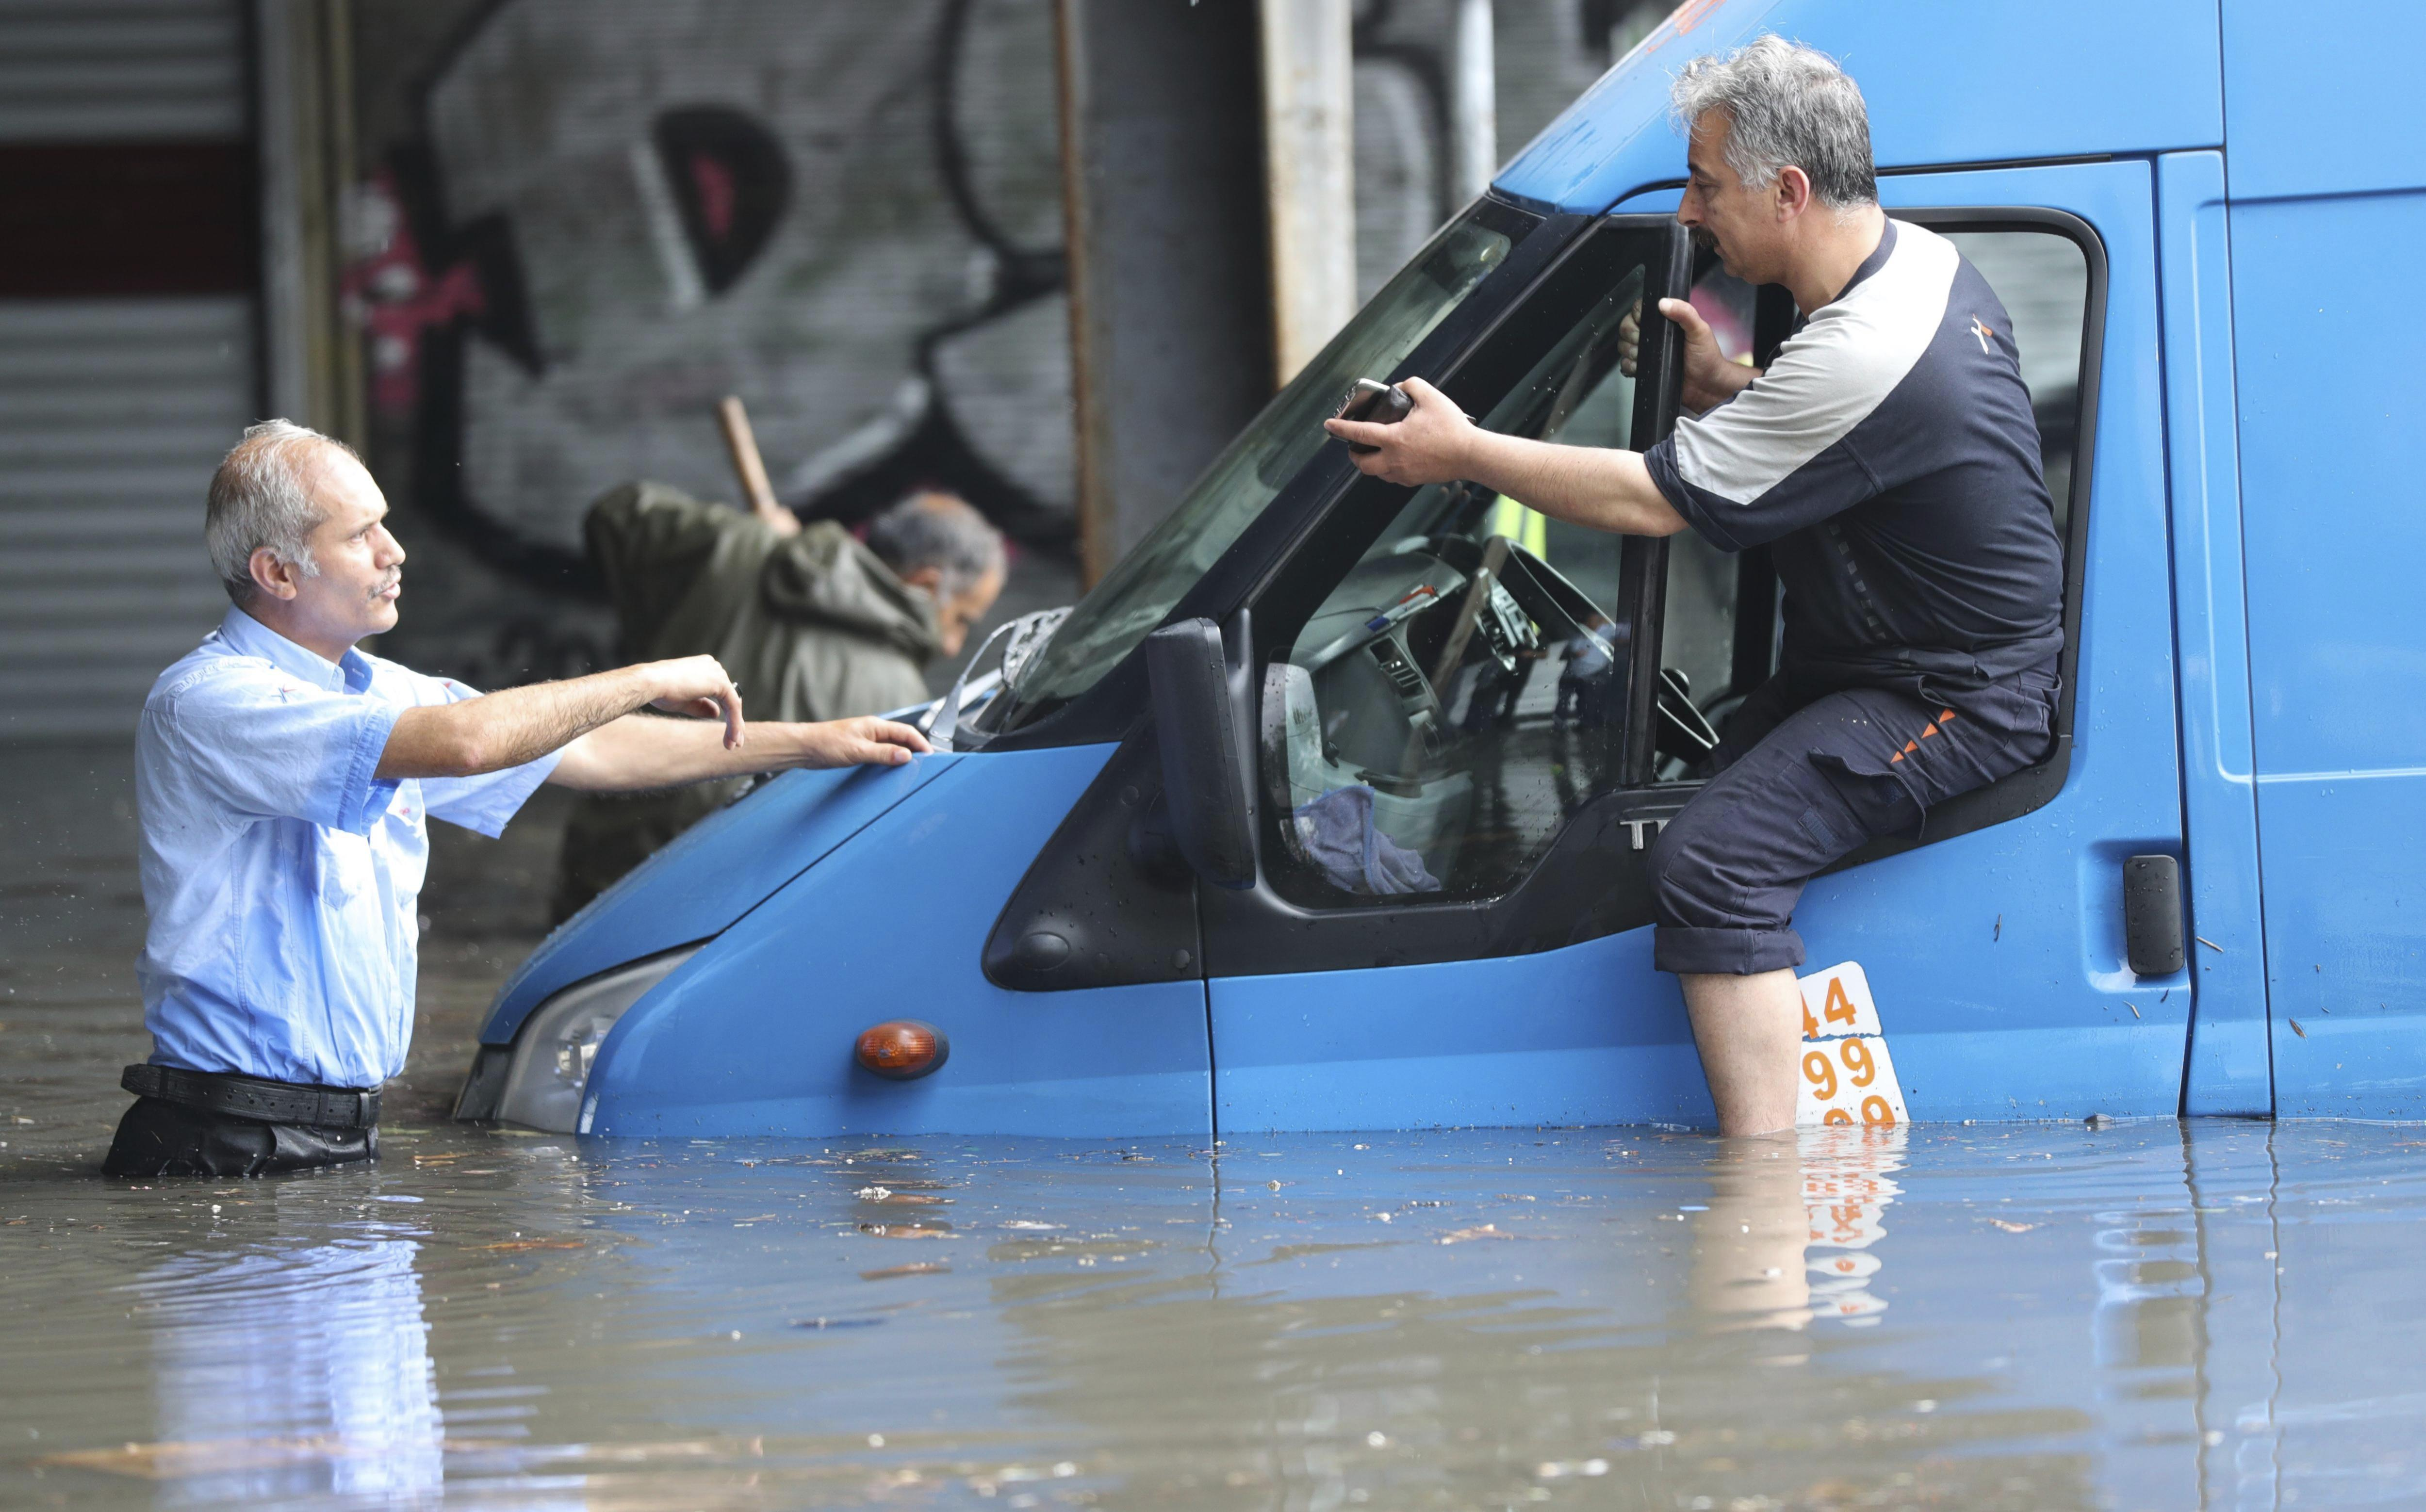 Dos homes intenten treure un cotxe d'una carretera negada per les fortes pluges caigudes en les darreres hores a Turquia. /TOLGA BOZOGLU